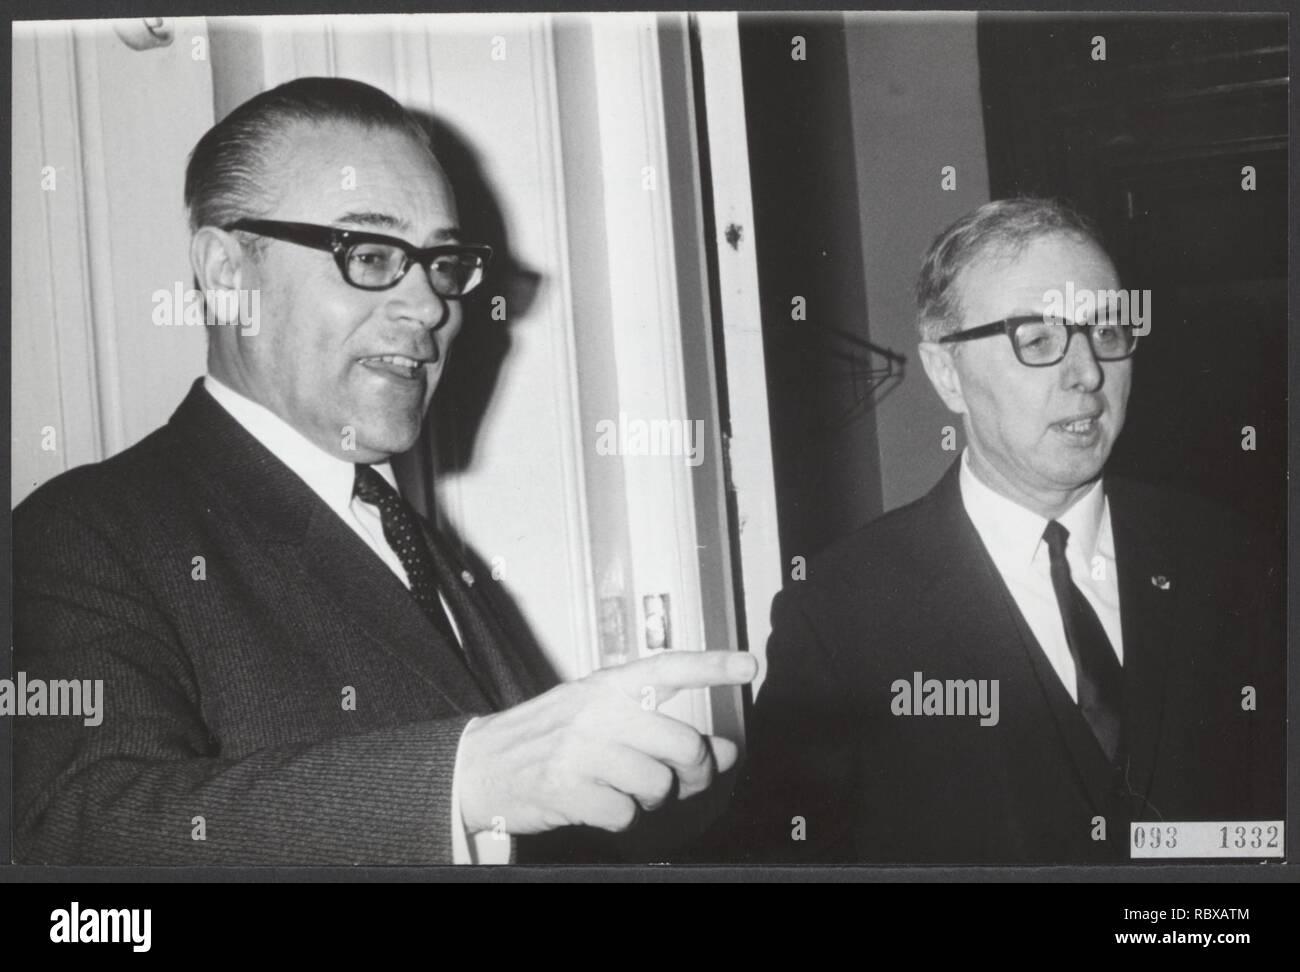 Activiteiten minister van financien zijlstra in 1966 1967, Bestanddeelnr 093-1332. Stock Photo